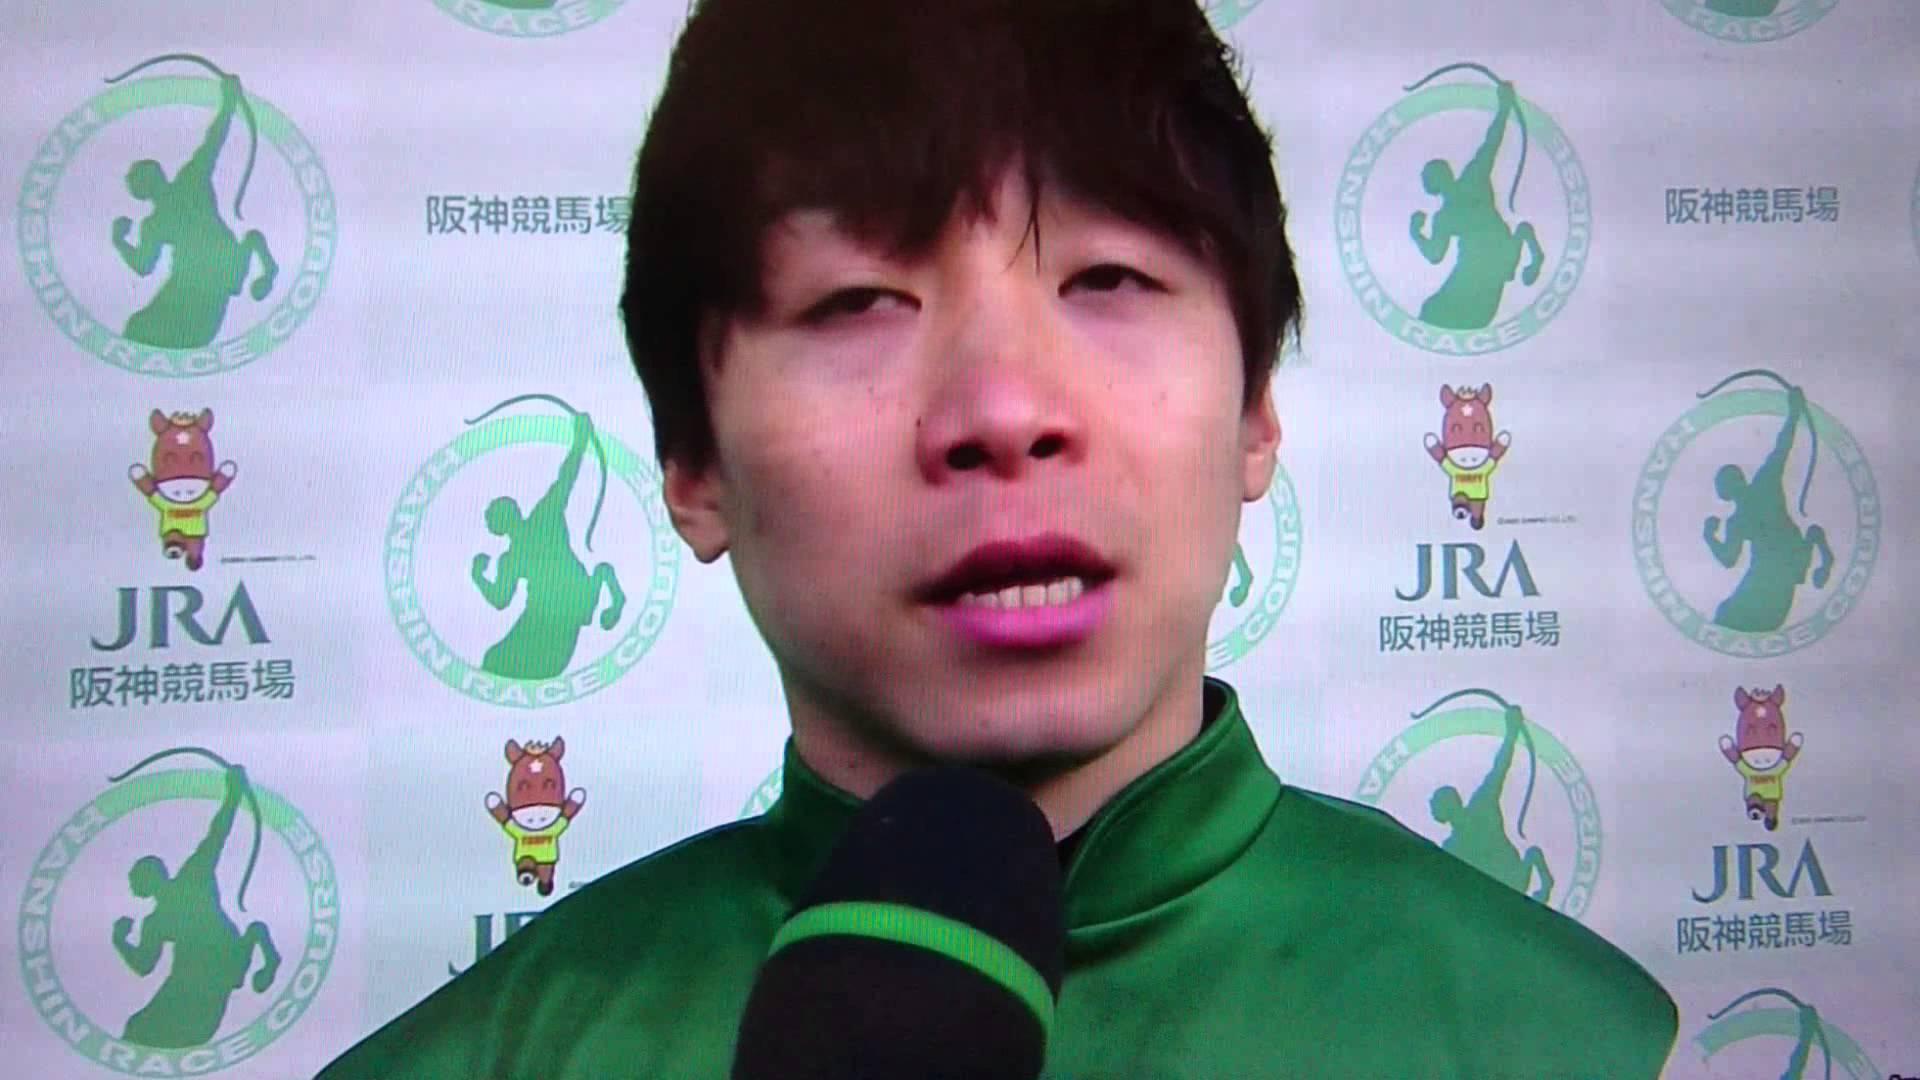 イケメンすぎる池添騎手「ミルコが5連勝してるので…日本人騎手は何やってんだ!って言われたくないので」